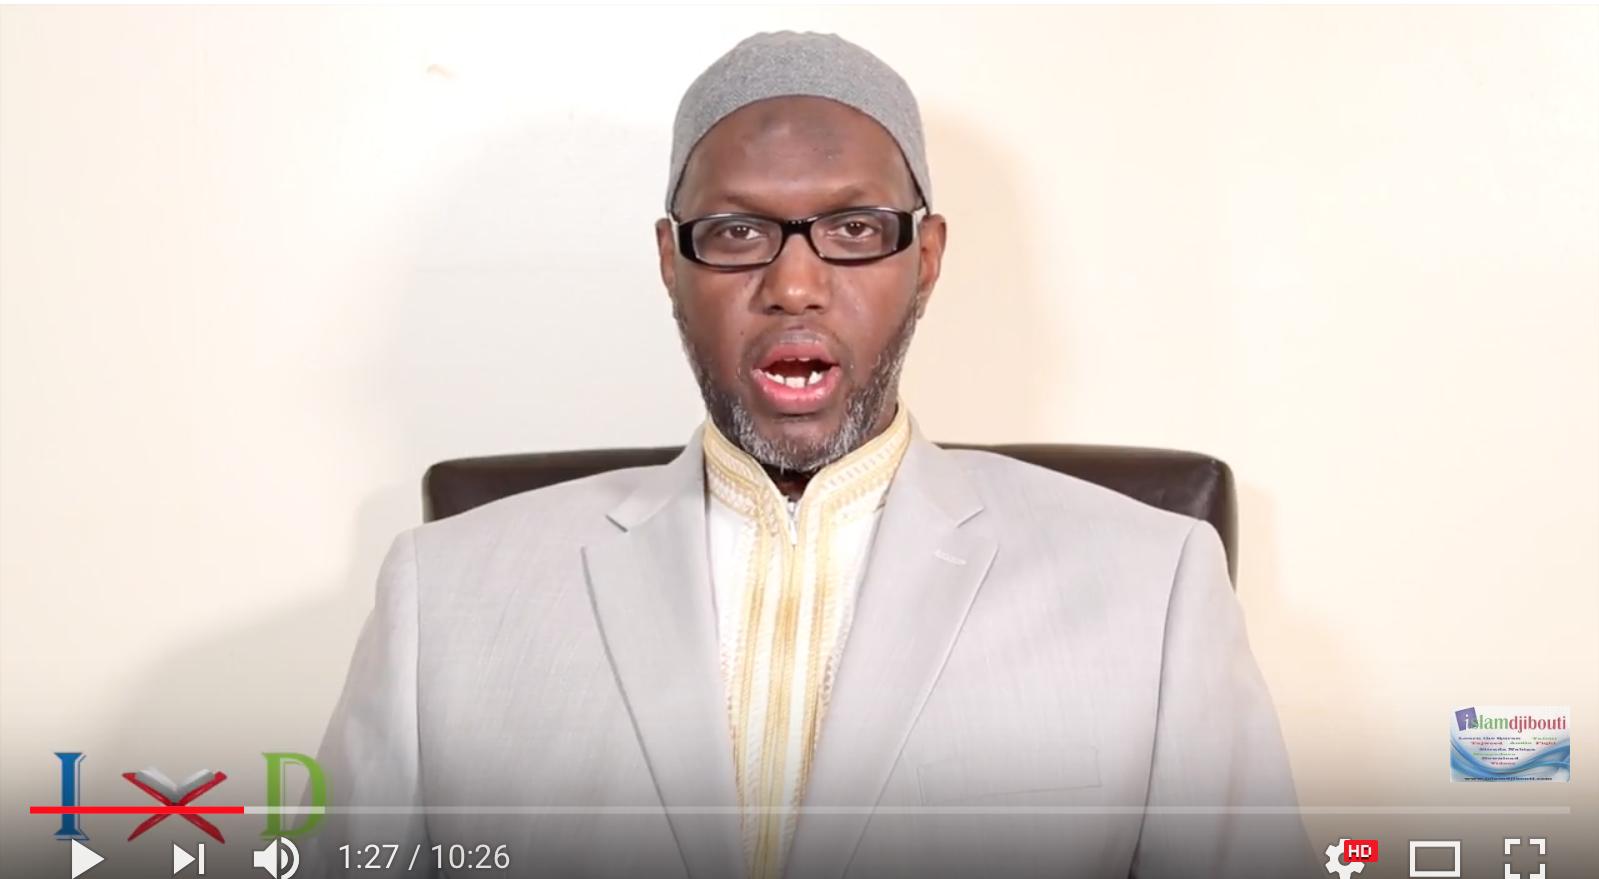 [Daawo] Qisadii ninkii dilay Nabiga adeerkii Hamza iyo Beenaale Musaylima